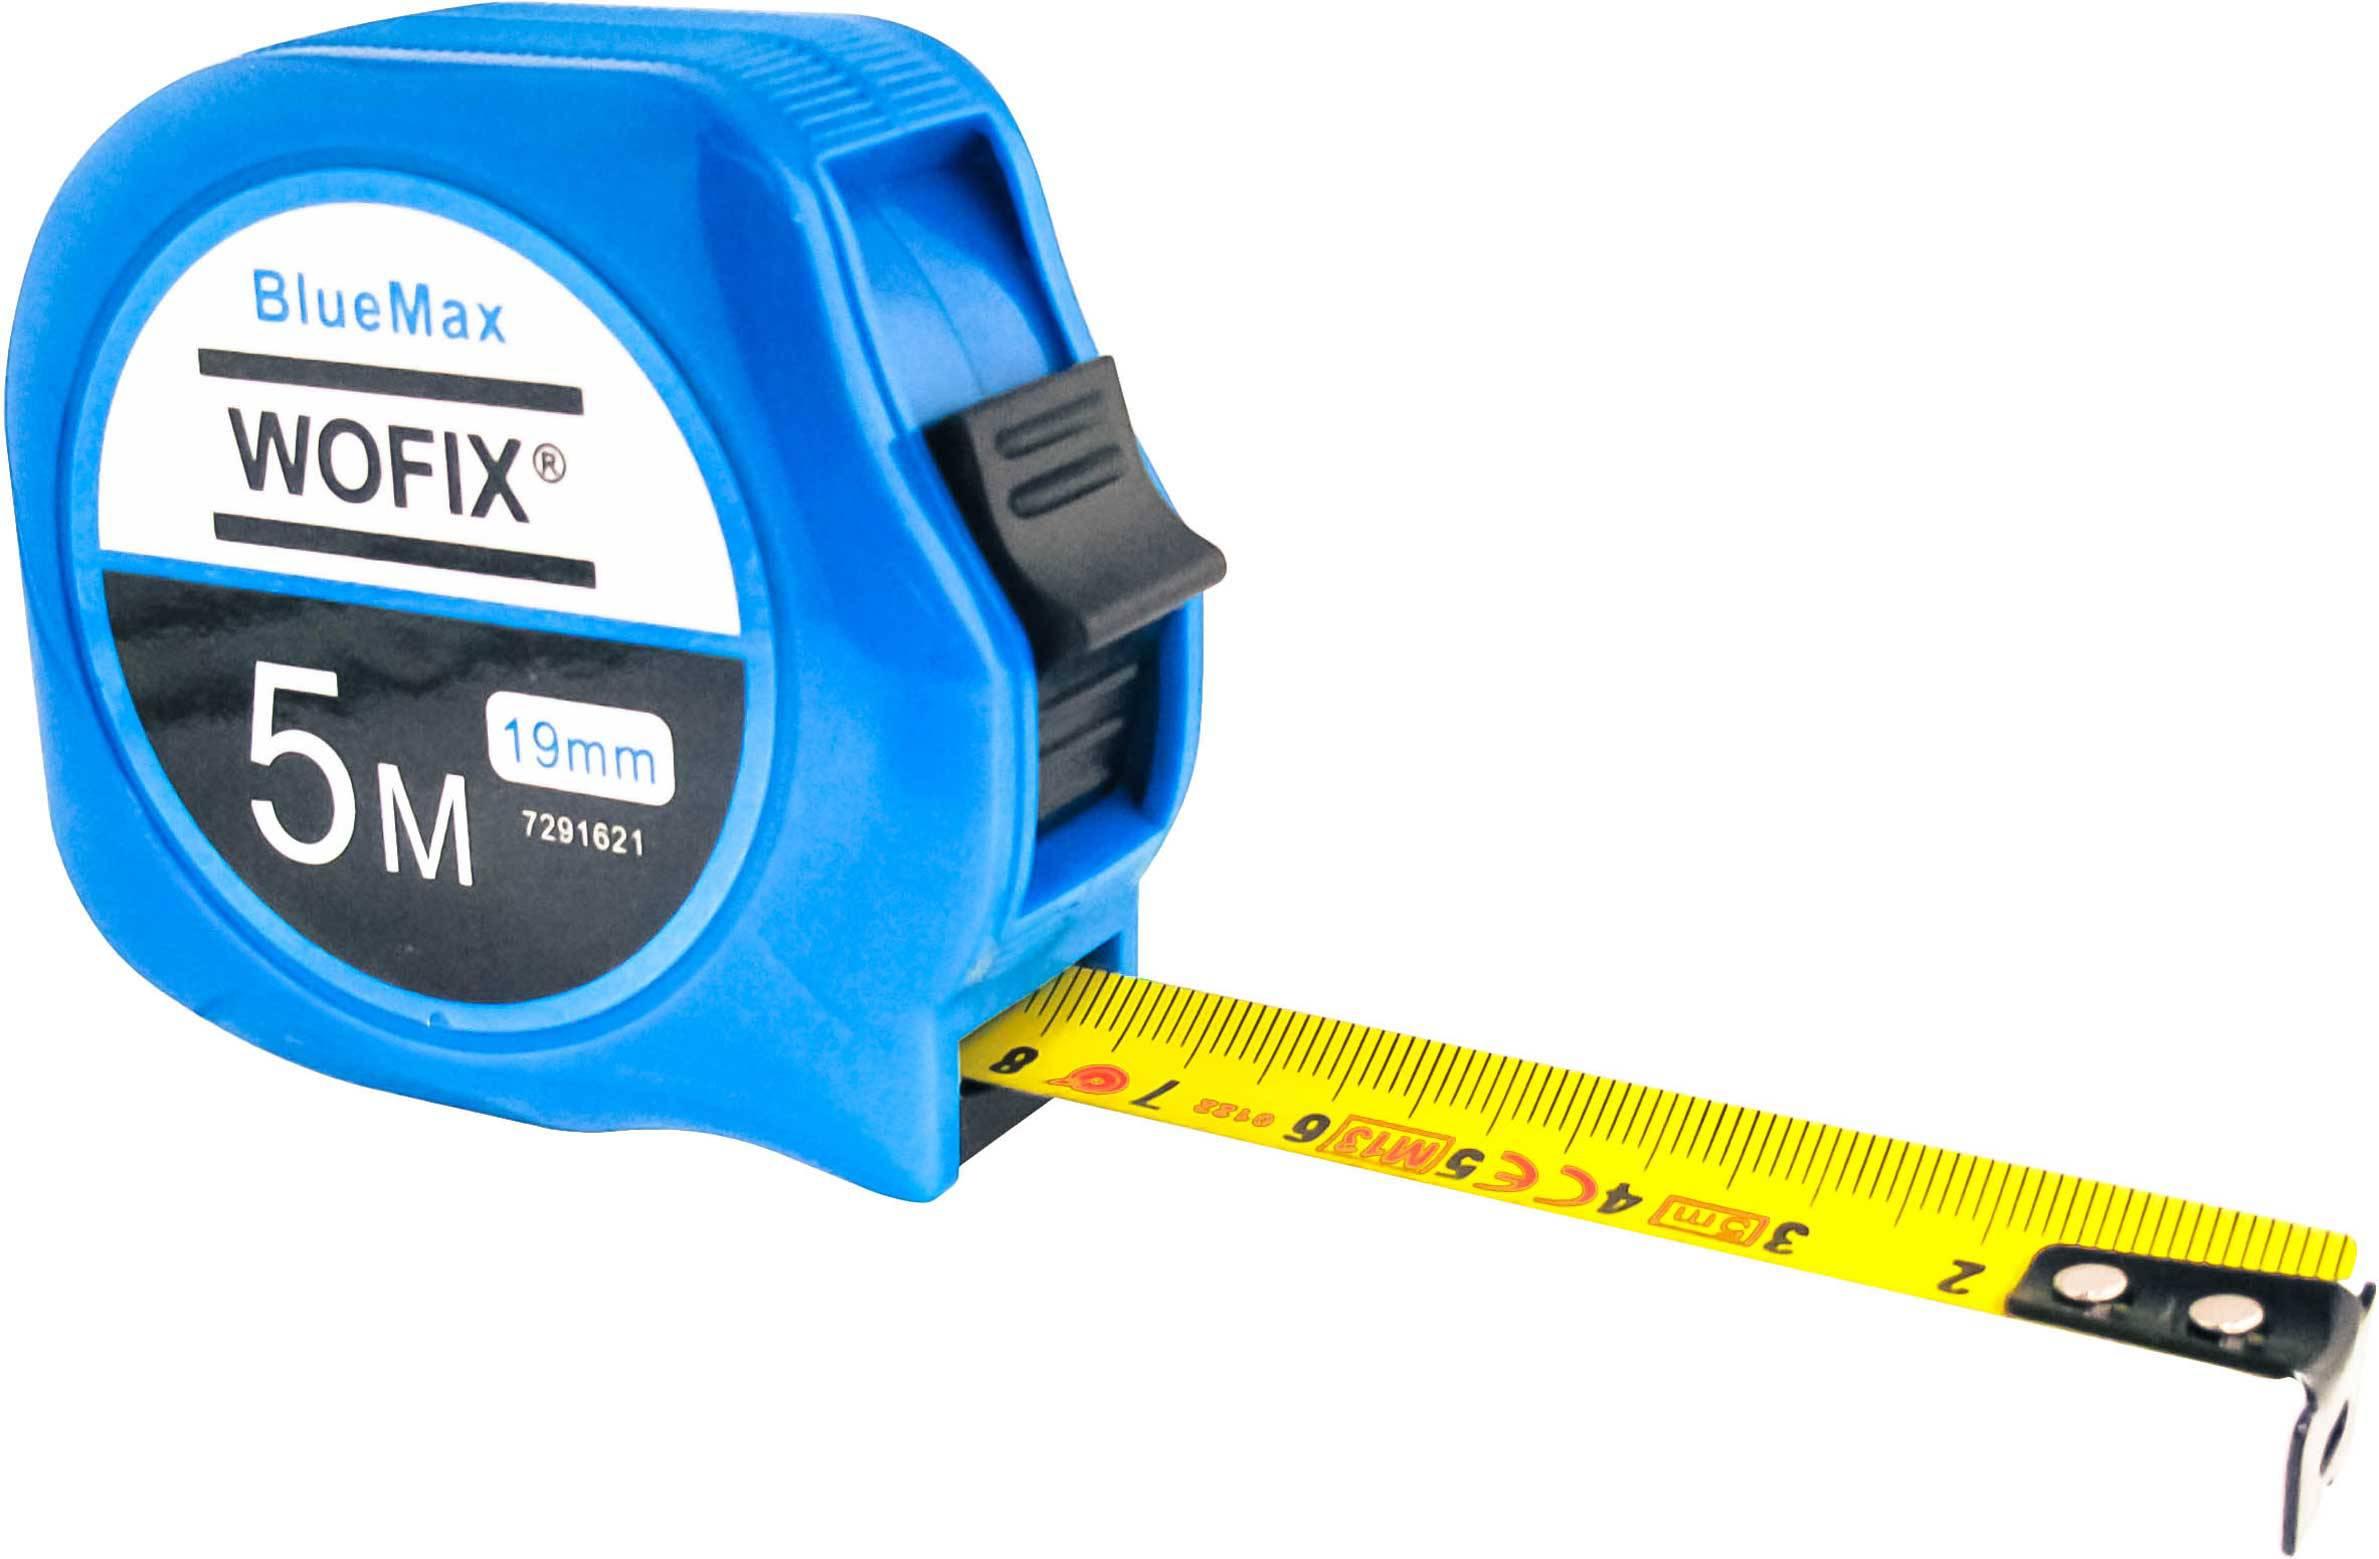 Wofix 7291621 Rolmaat BlueMax kunststof met gecoate stalen band 5M - bandbreedte 19 mm